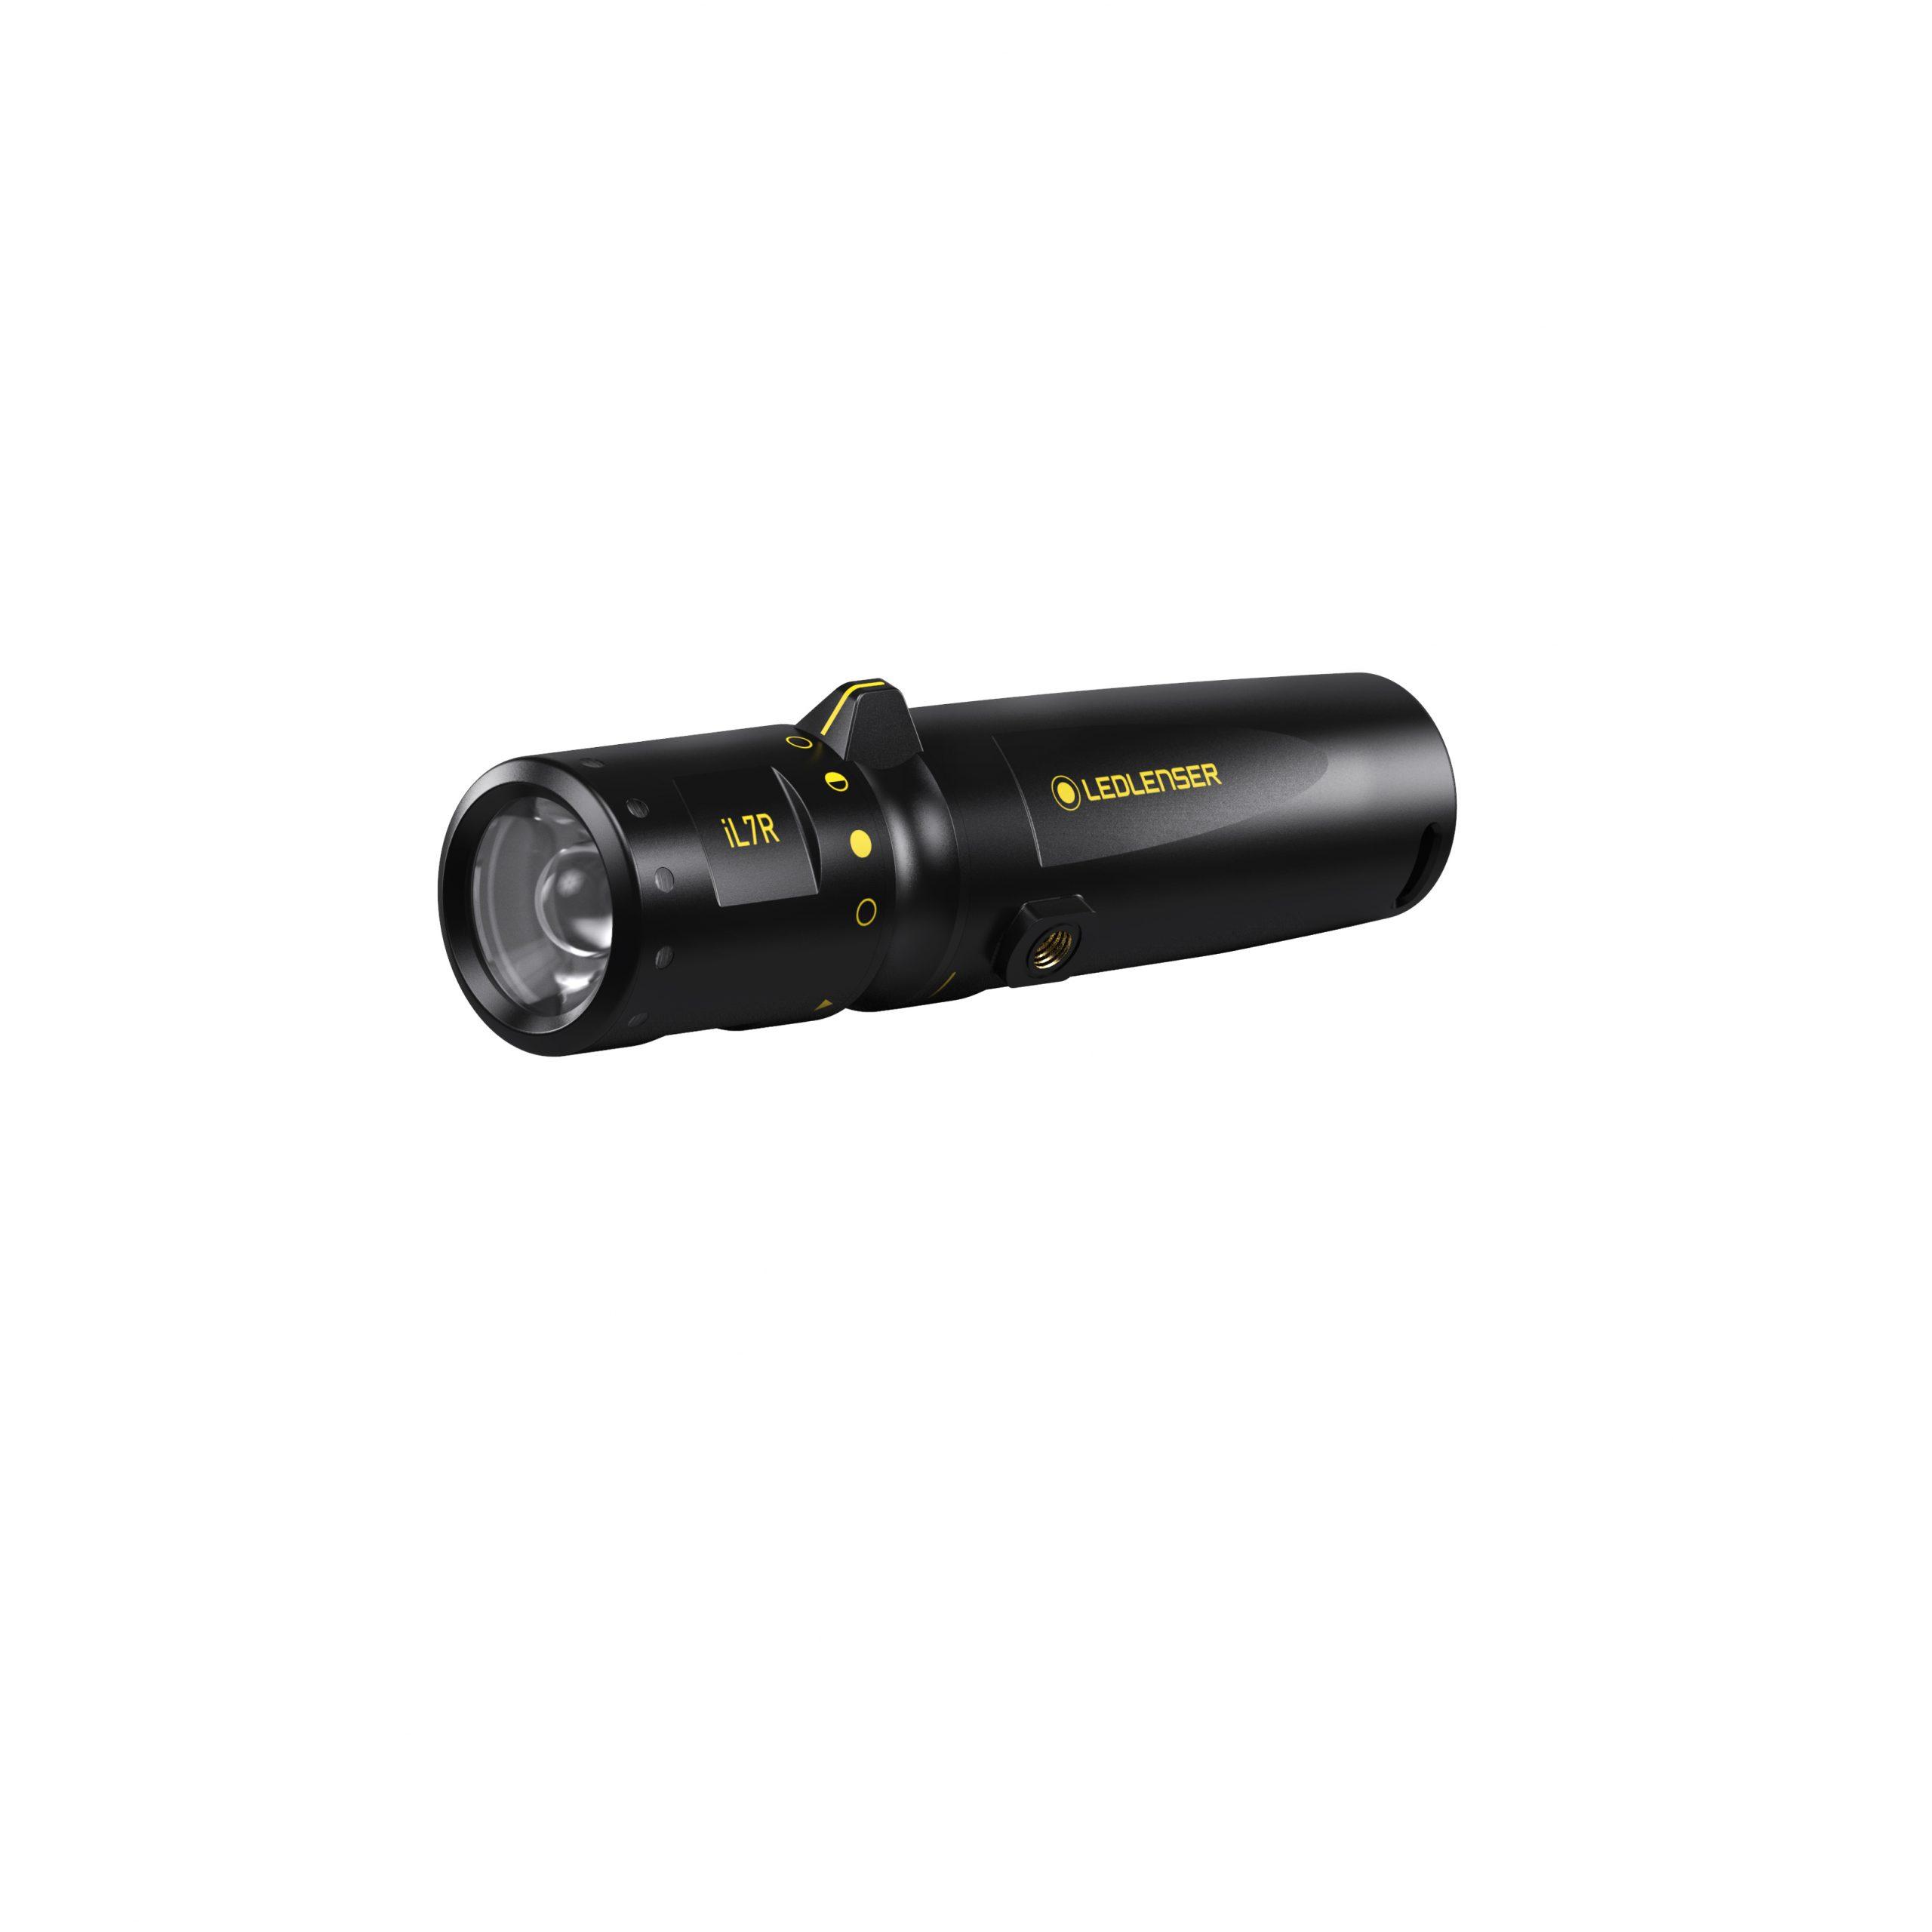 Đèn pin chống cháy nổ Ledlenser iL7R